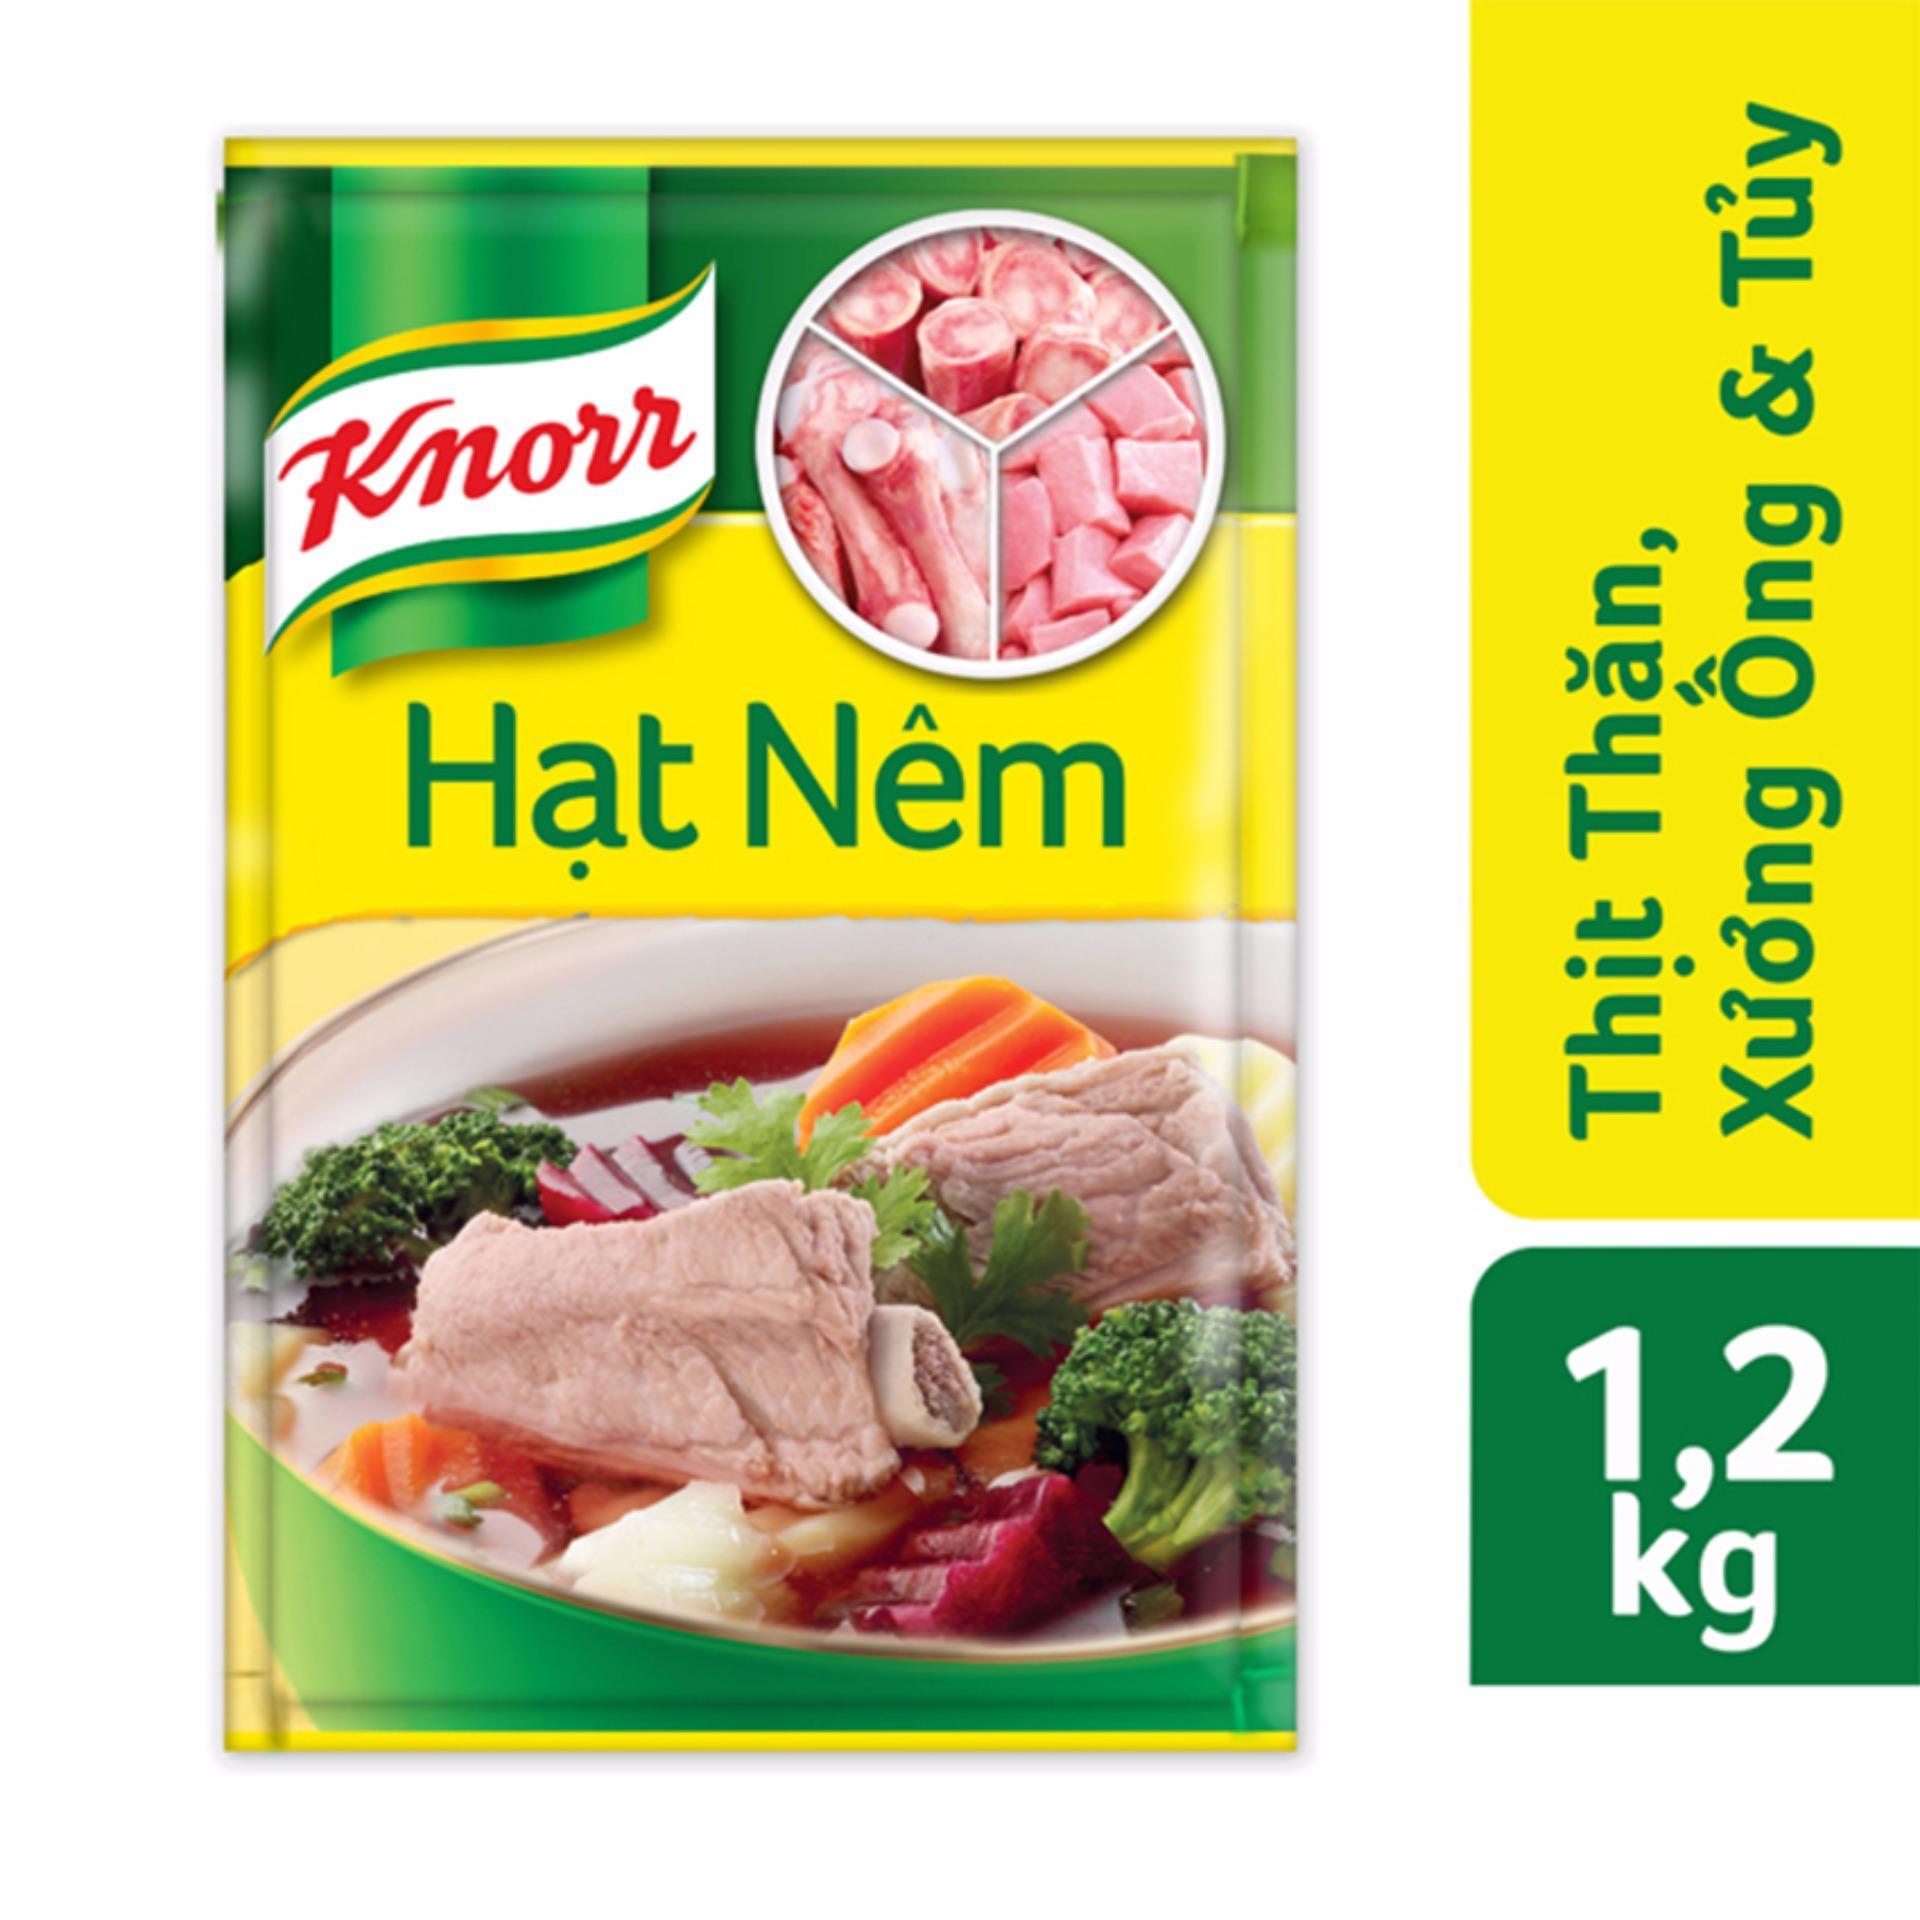 Hạt nêm Knorr từ thịt thăn xương ống tủy 1200g – SAMSUNG CONNECT